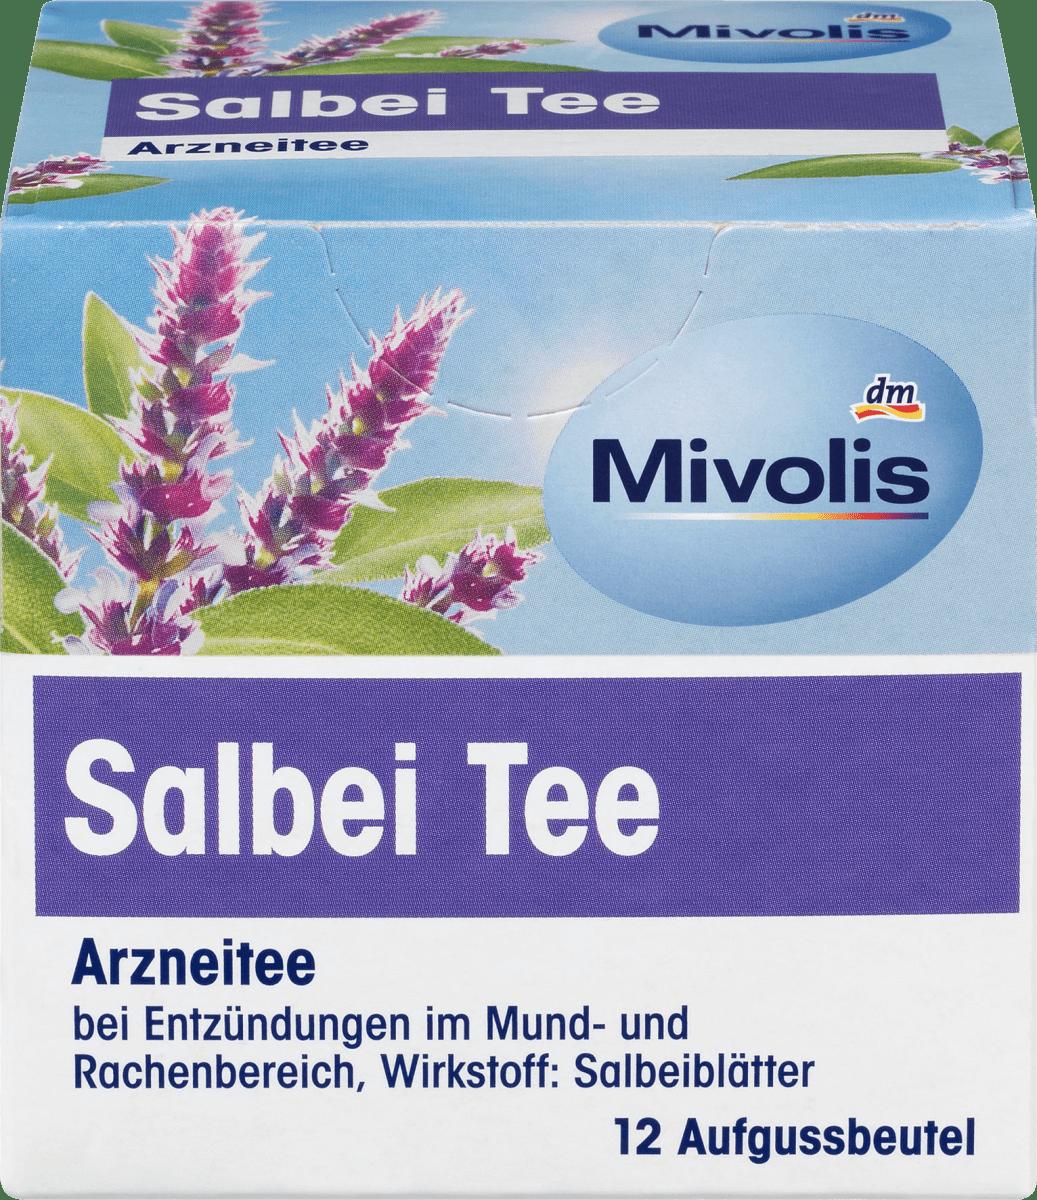 Mivolis Arznei-Tee, Salbei Tee (12 x 1,5 g), 18 g